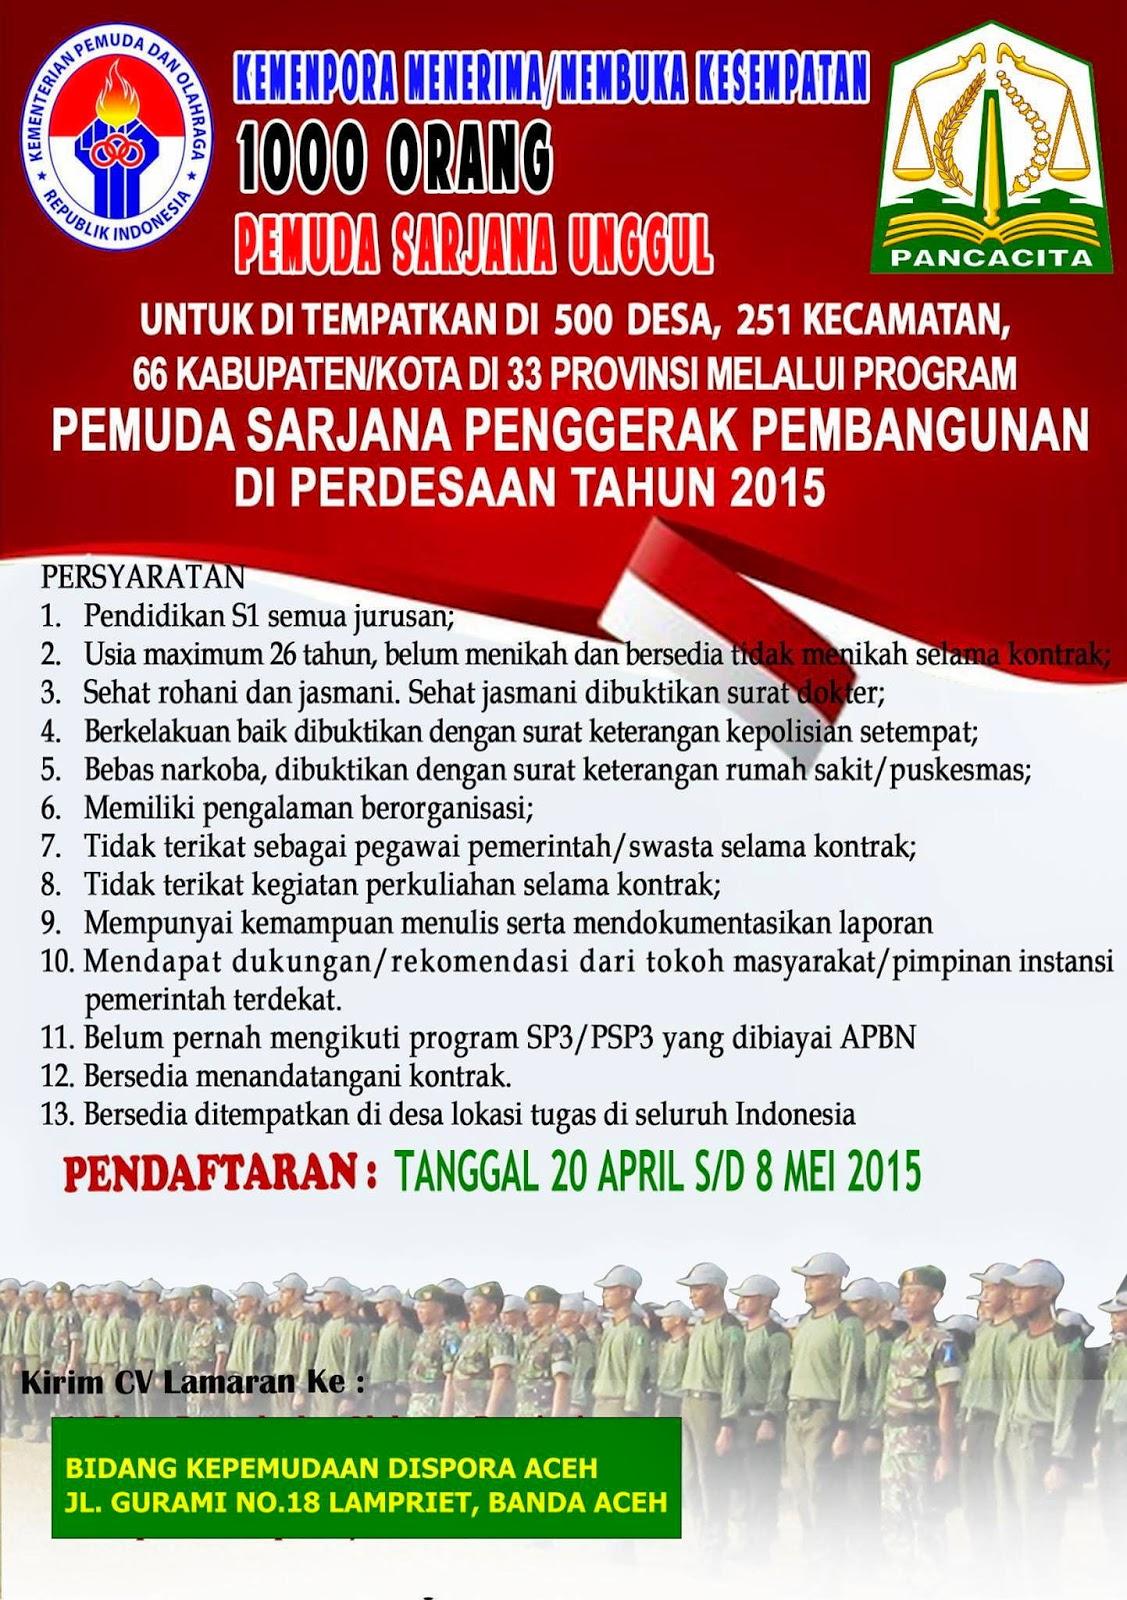 BIDANG KEPEMUDAAN DISPORA ACEH : PEMUDA SARJANA PENGGERAK PEMBANGUNAN - ACEH, INDONESIA